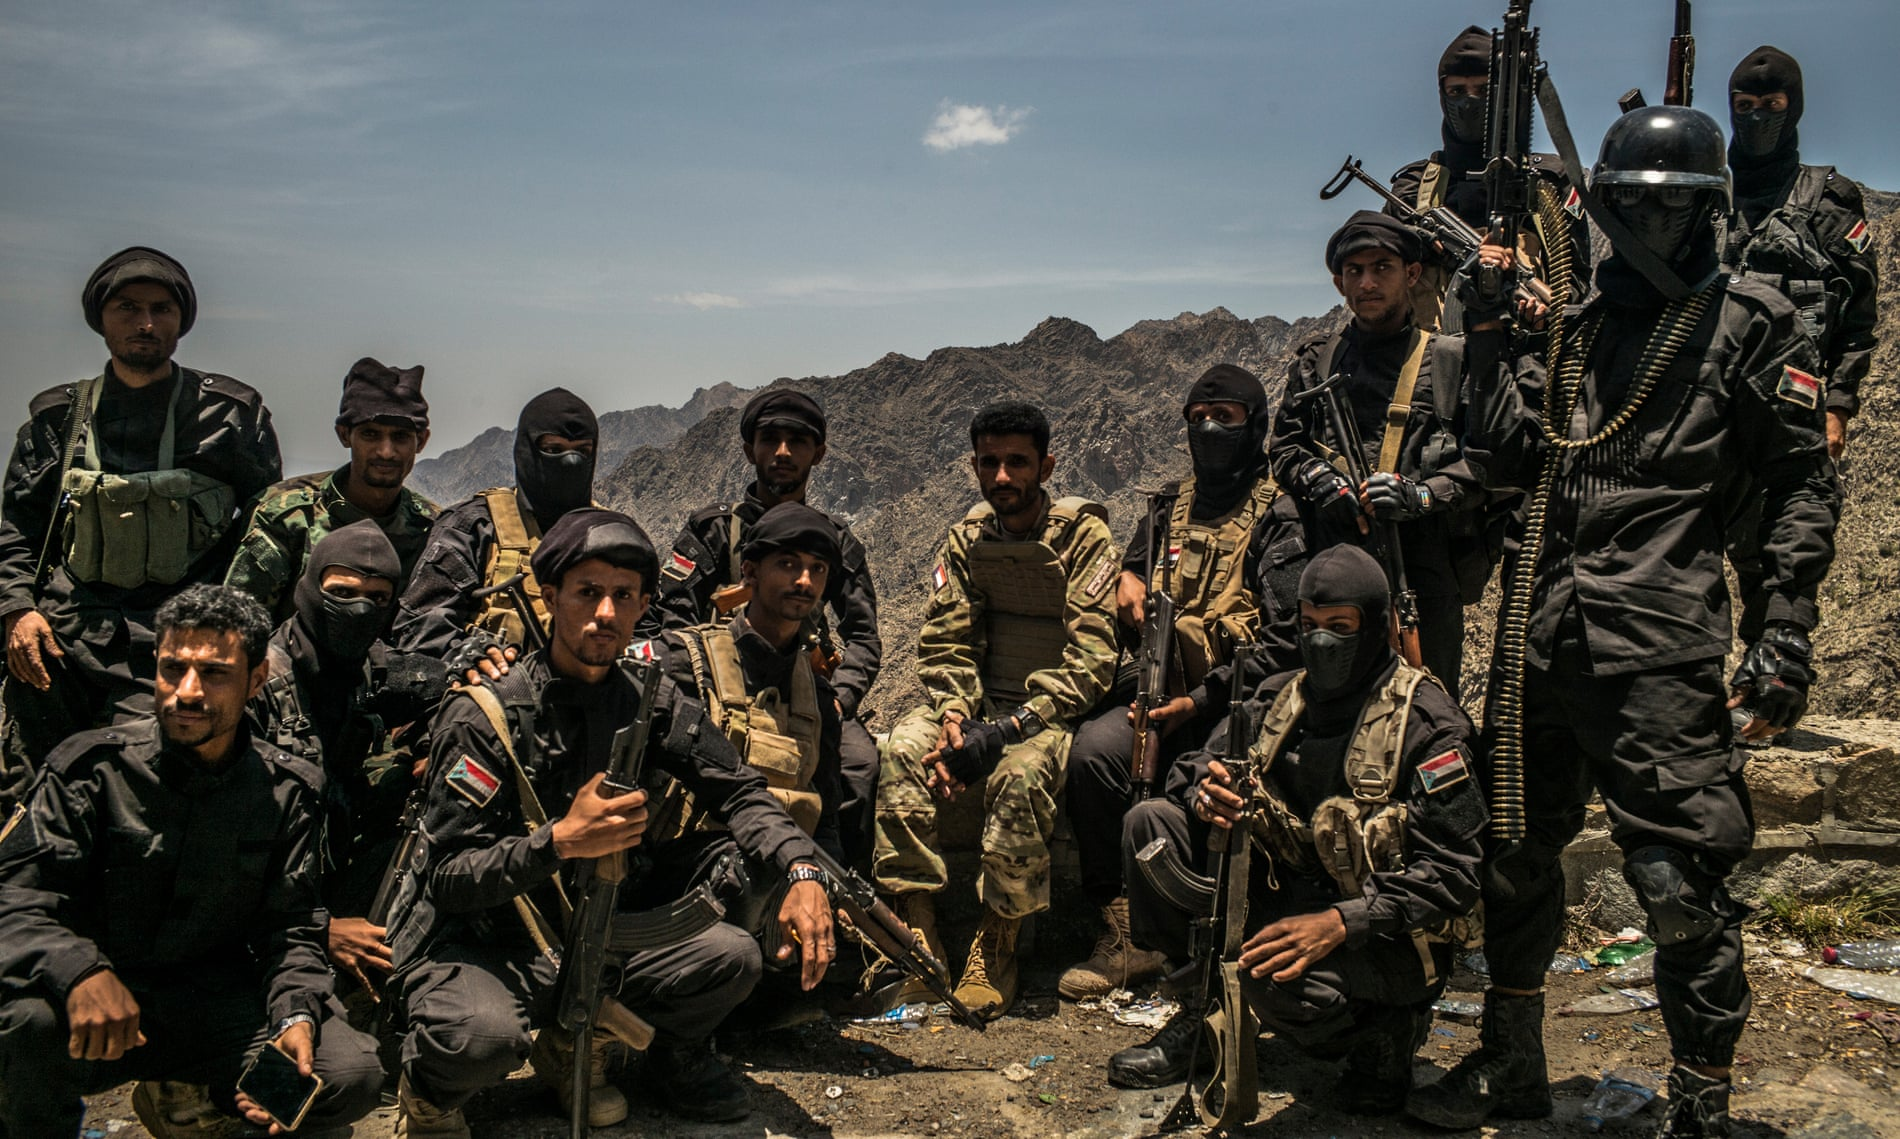 استراتيجية الإمارات في اليمن.. الحلفاء الأعداء والمهام المنفصلة التي تستهدف قوات الدولة